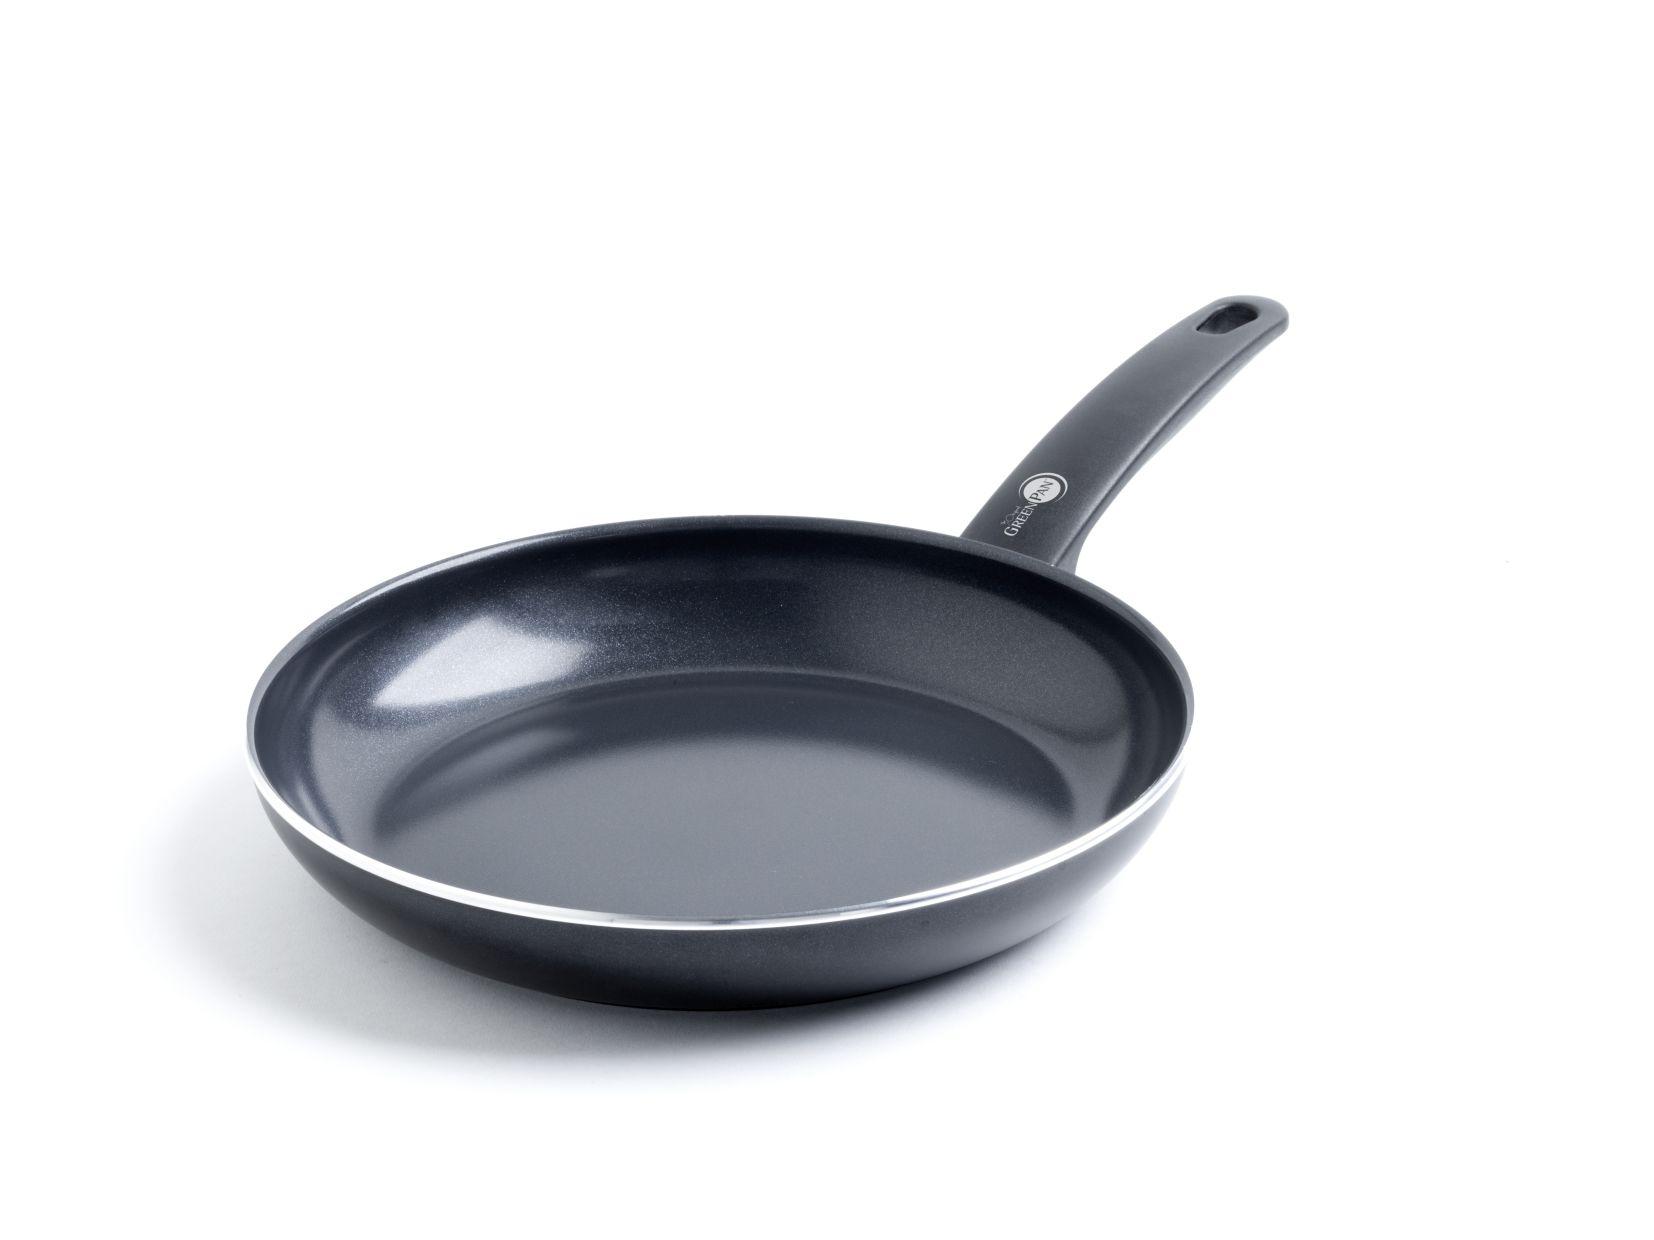 Pánev Cambridge Black 30 cm - GreenPan